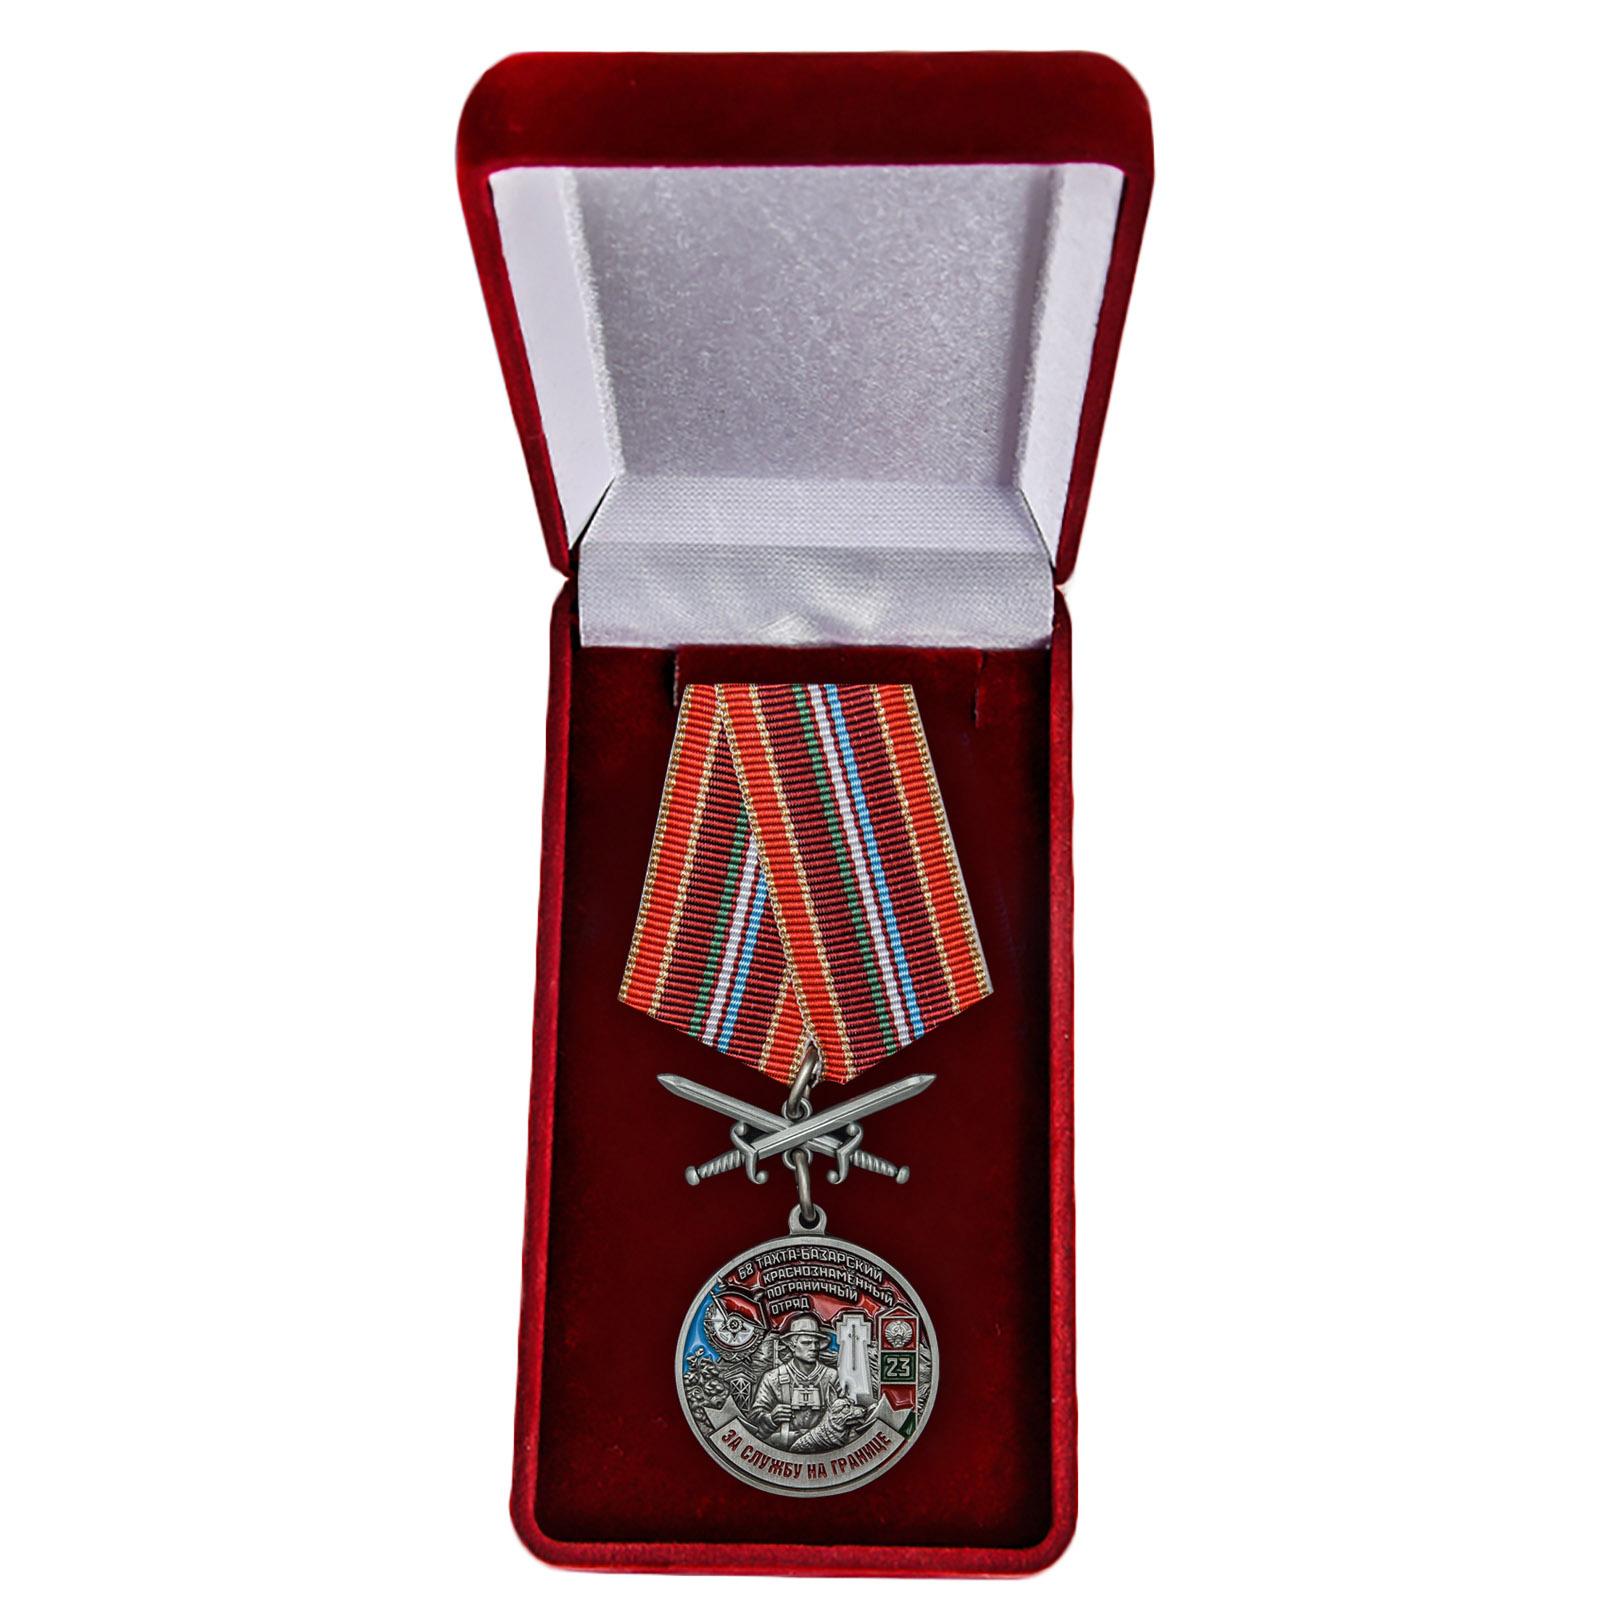 Латунная медаль За службу на границе (68 Тахта-Базарский ПогО) - в футляре